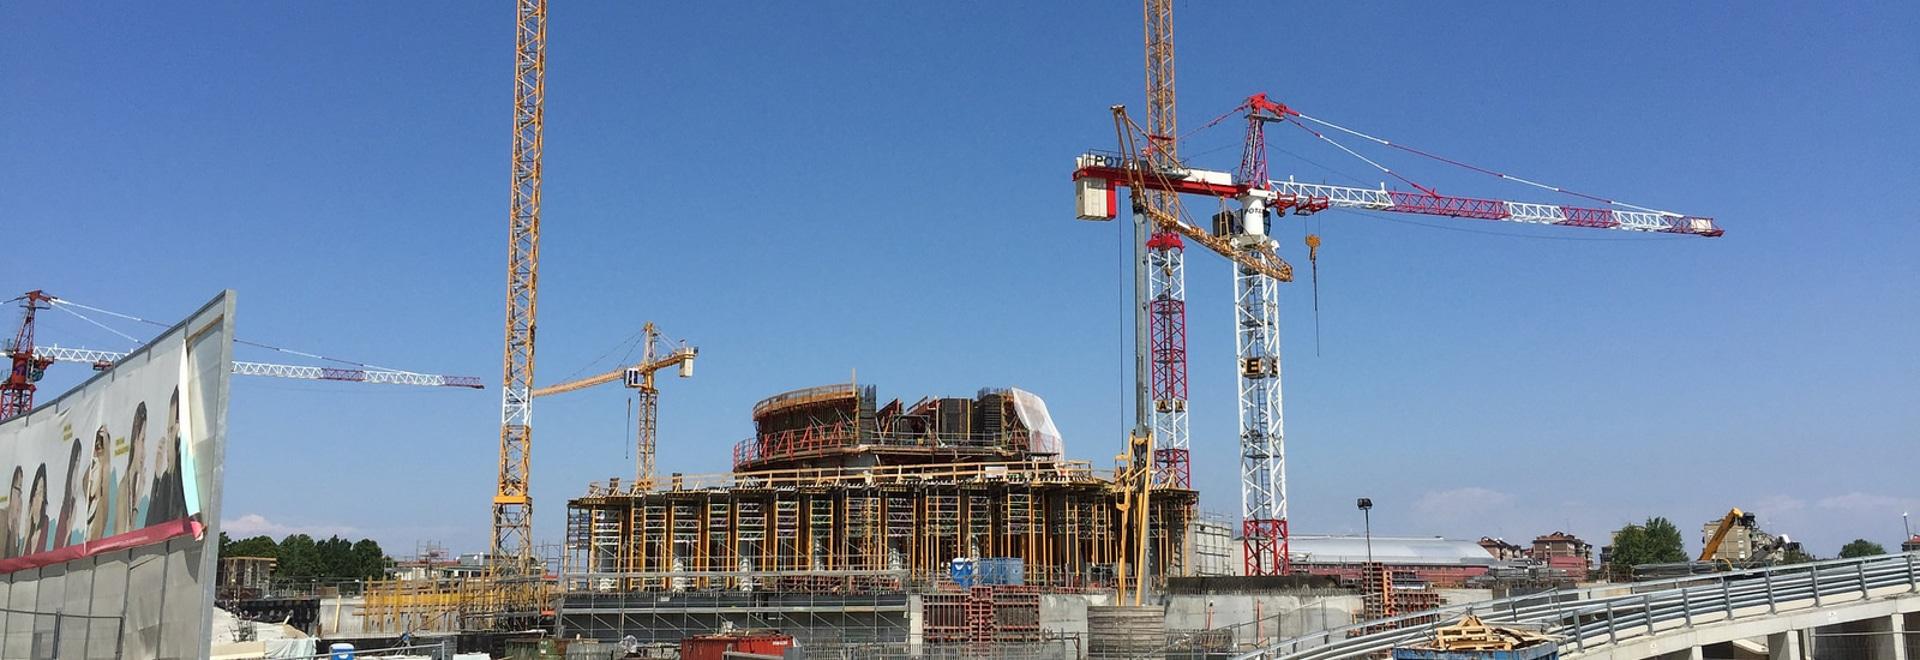 Torre lo Storto - Torre Zaha Hadid